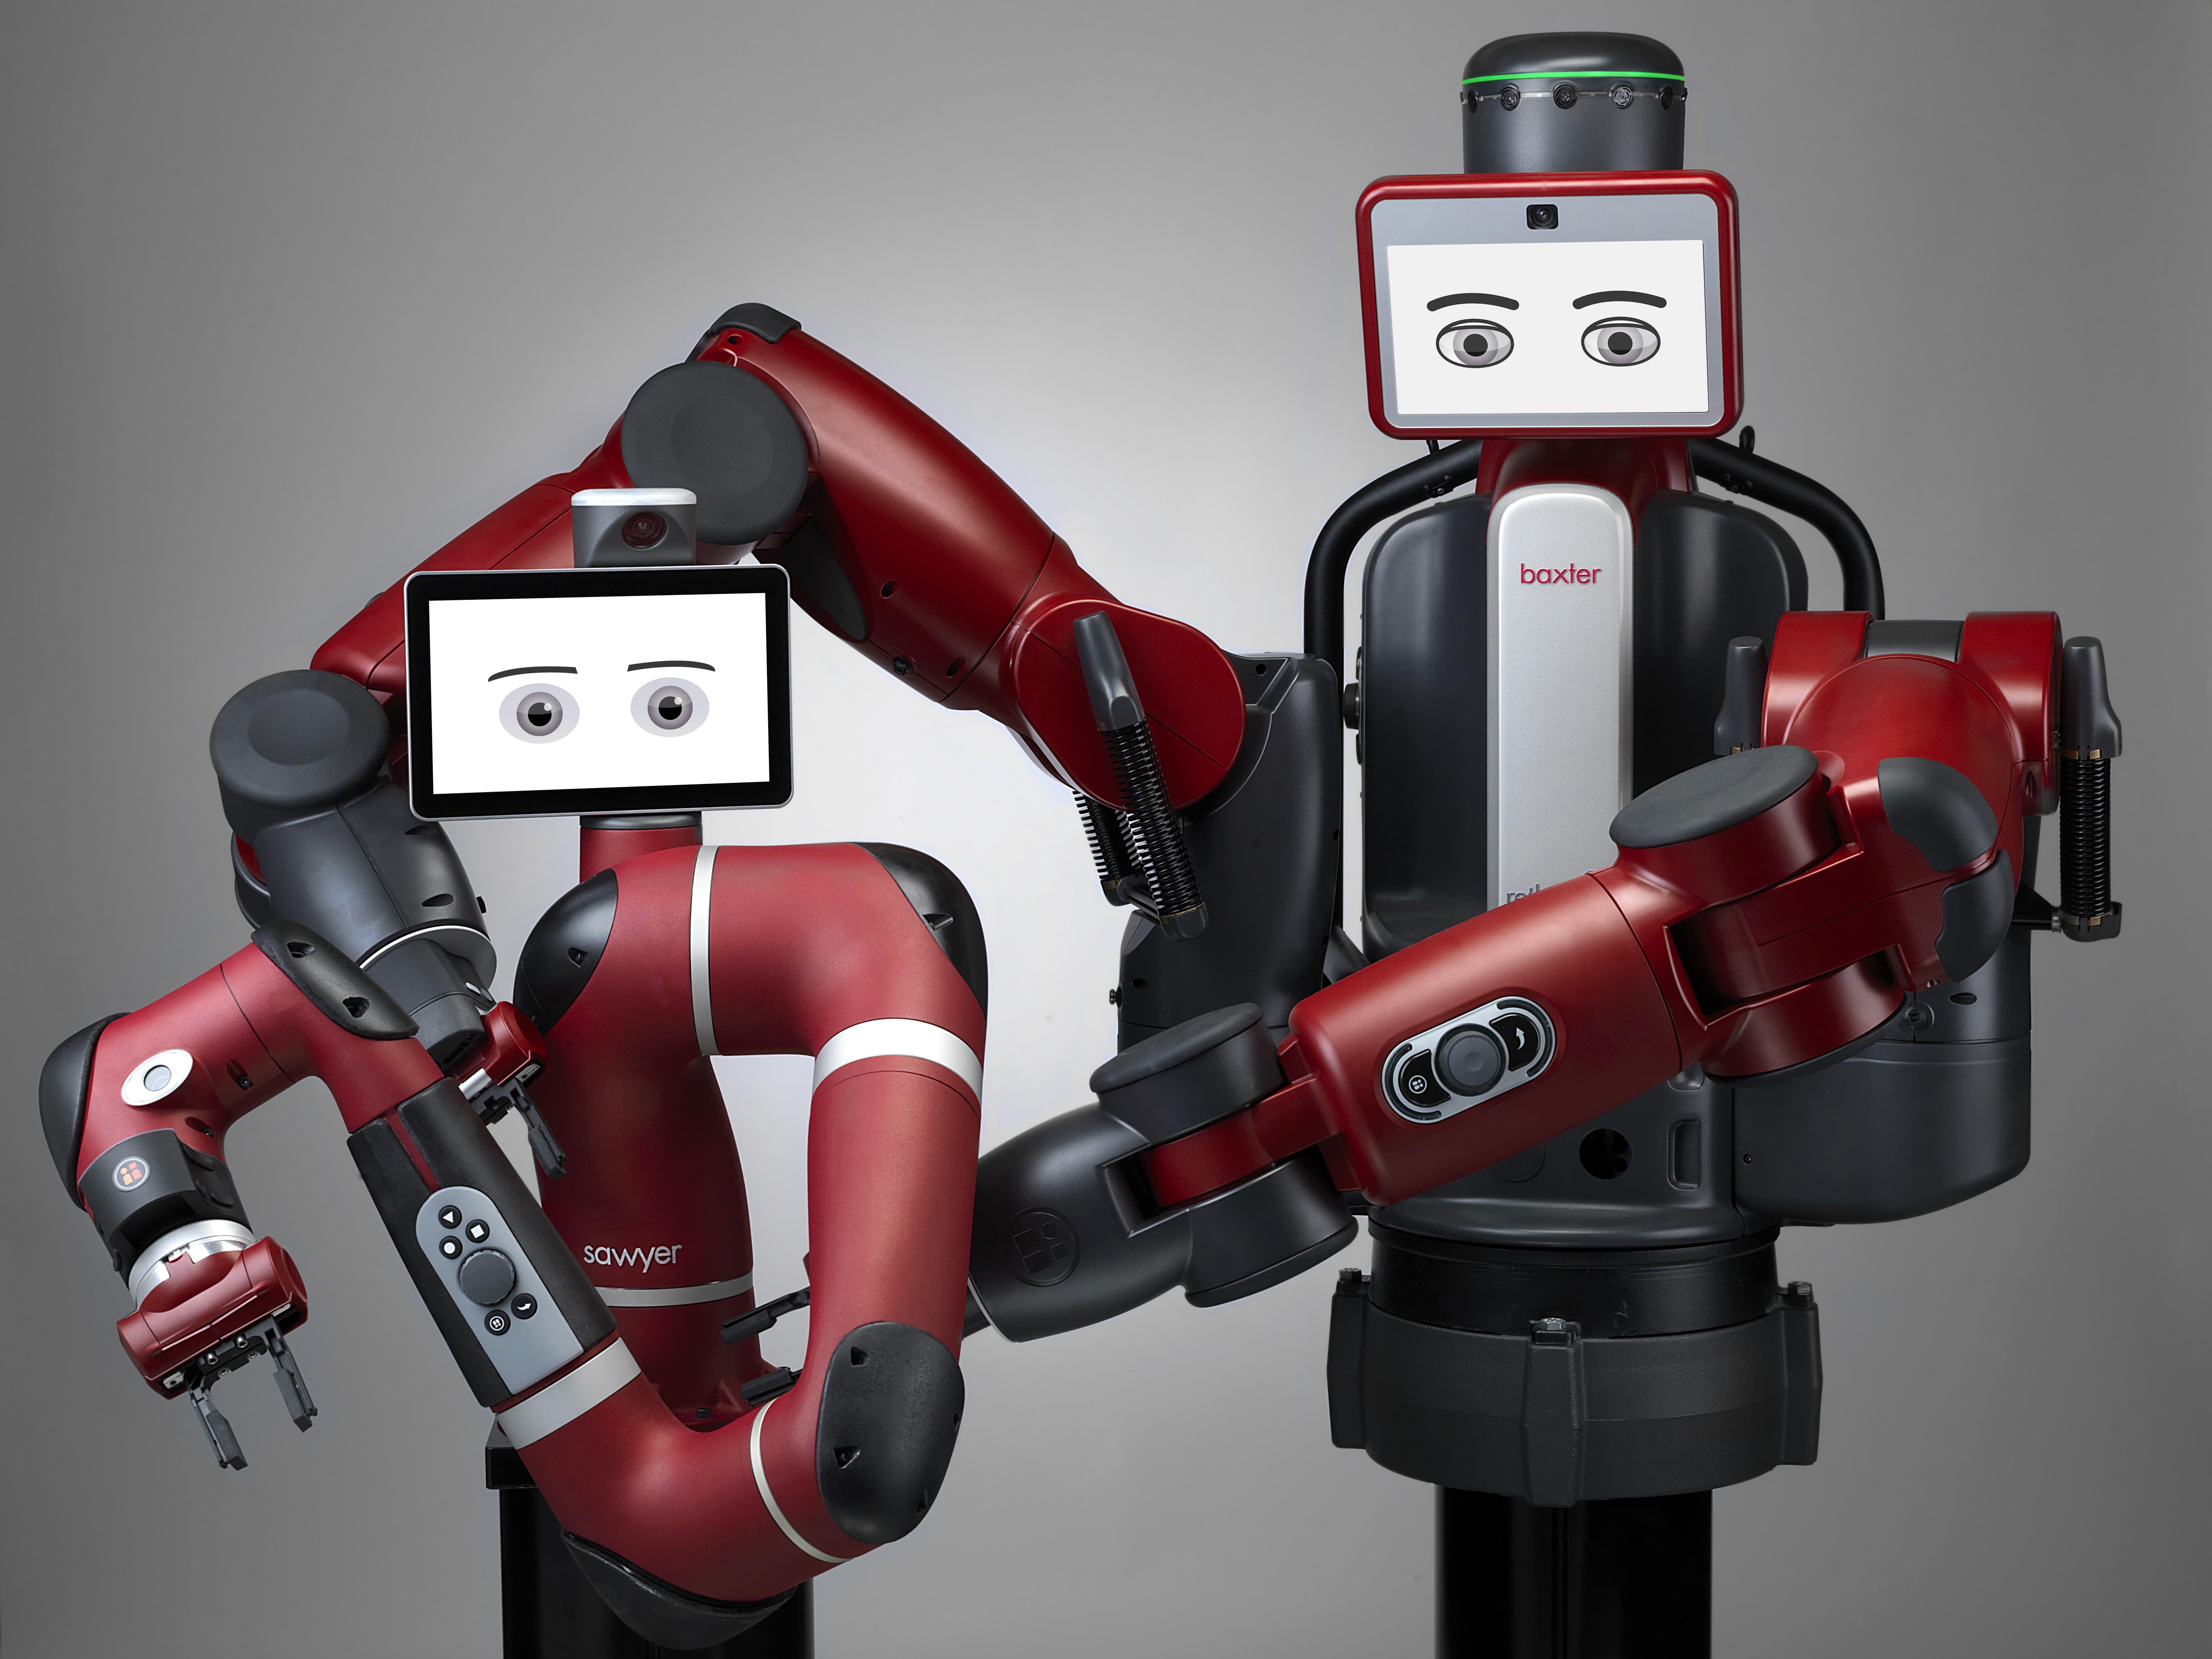 Robotid Sawyer ja Baxter.